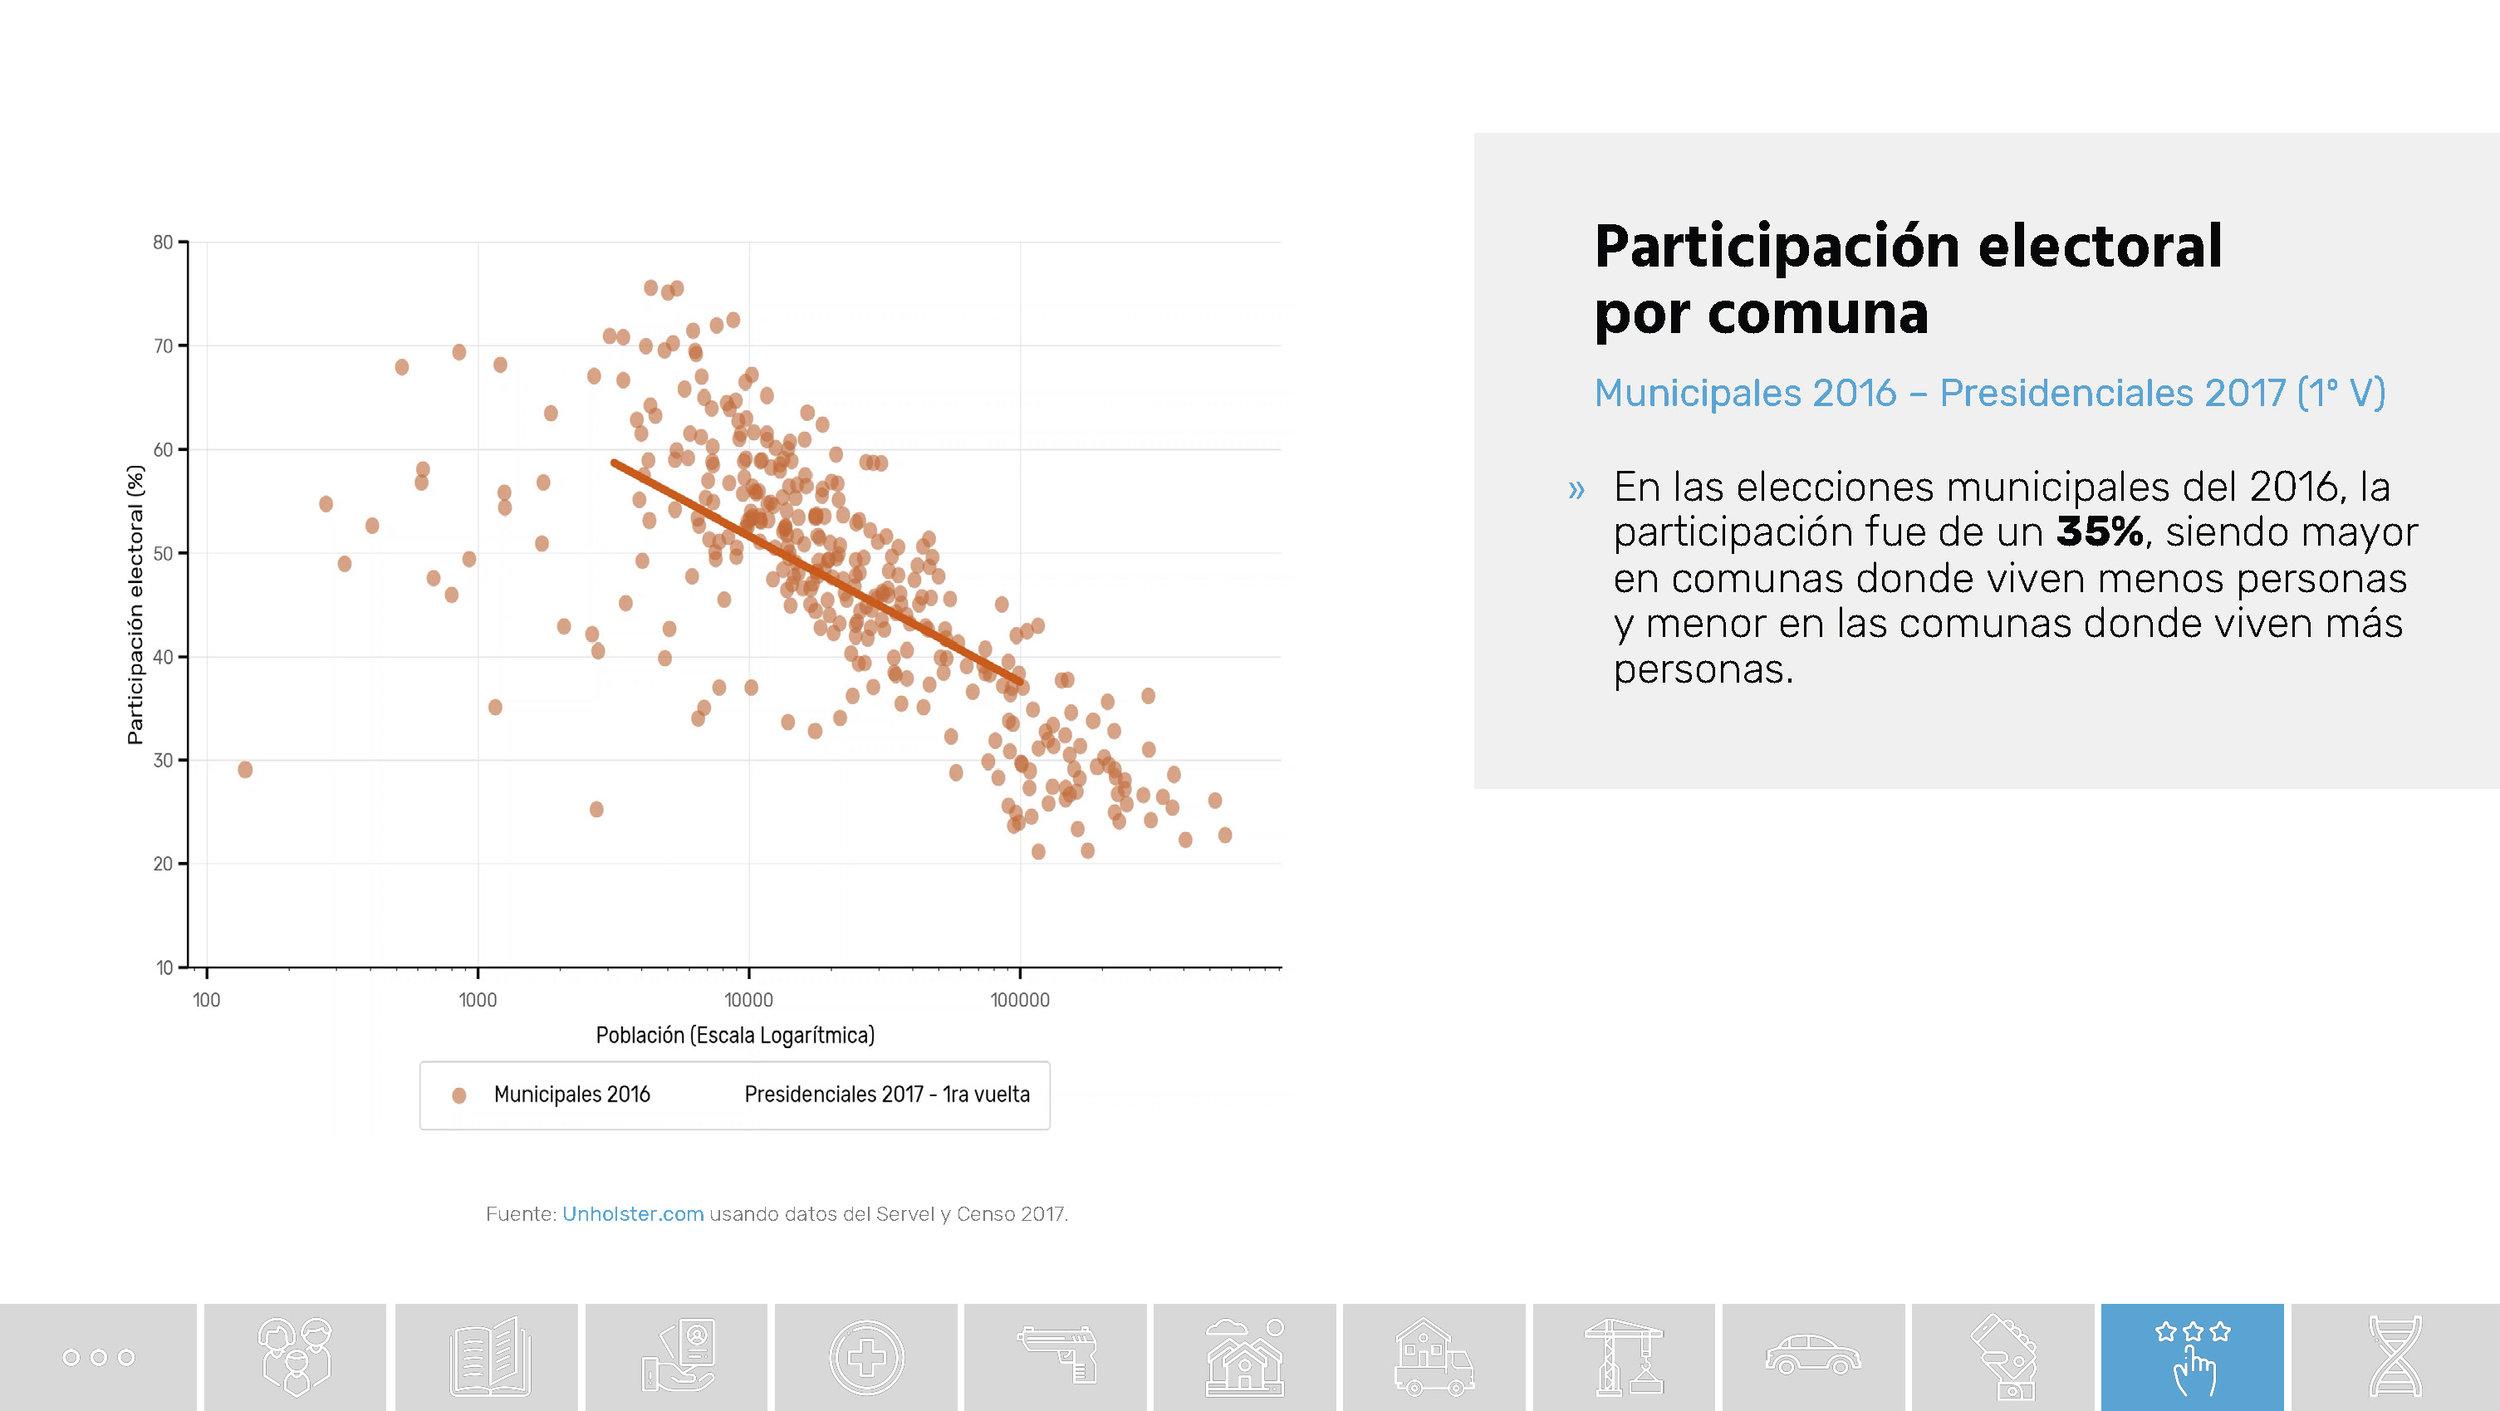 Chile_Datos de una transformacion social_Unholster_Página_77.jpg